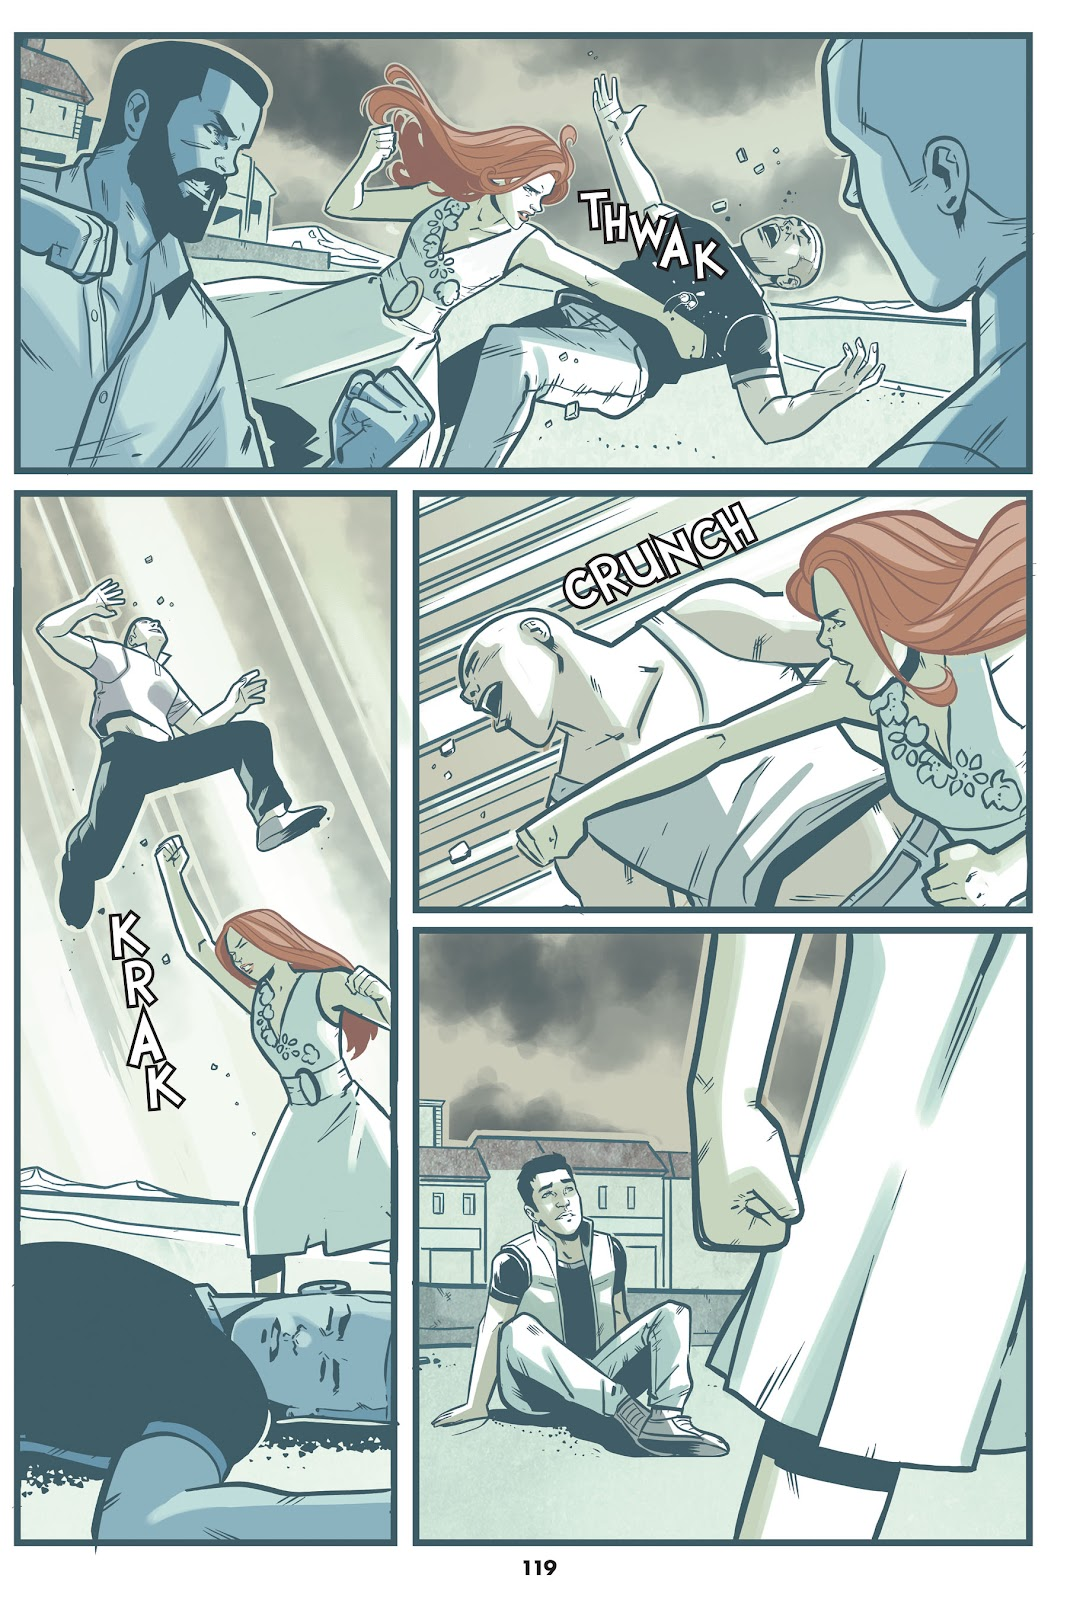 Read online Mera: Tidebreaker comic -  Issue # TPB (Part 2) - 19